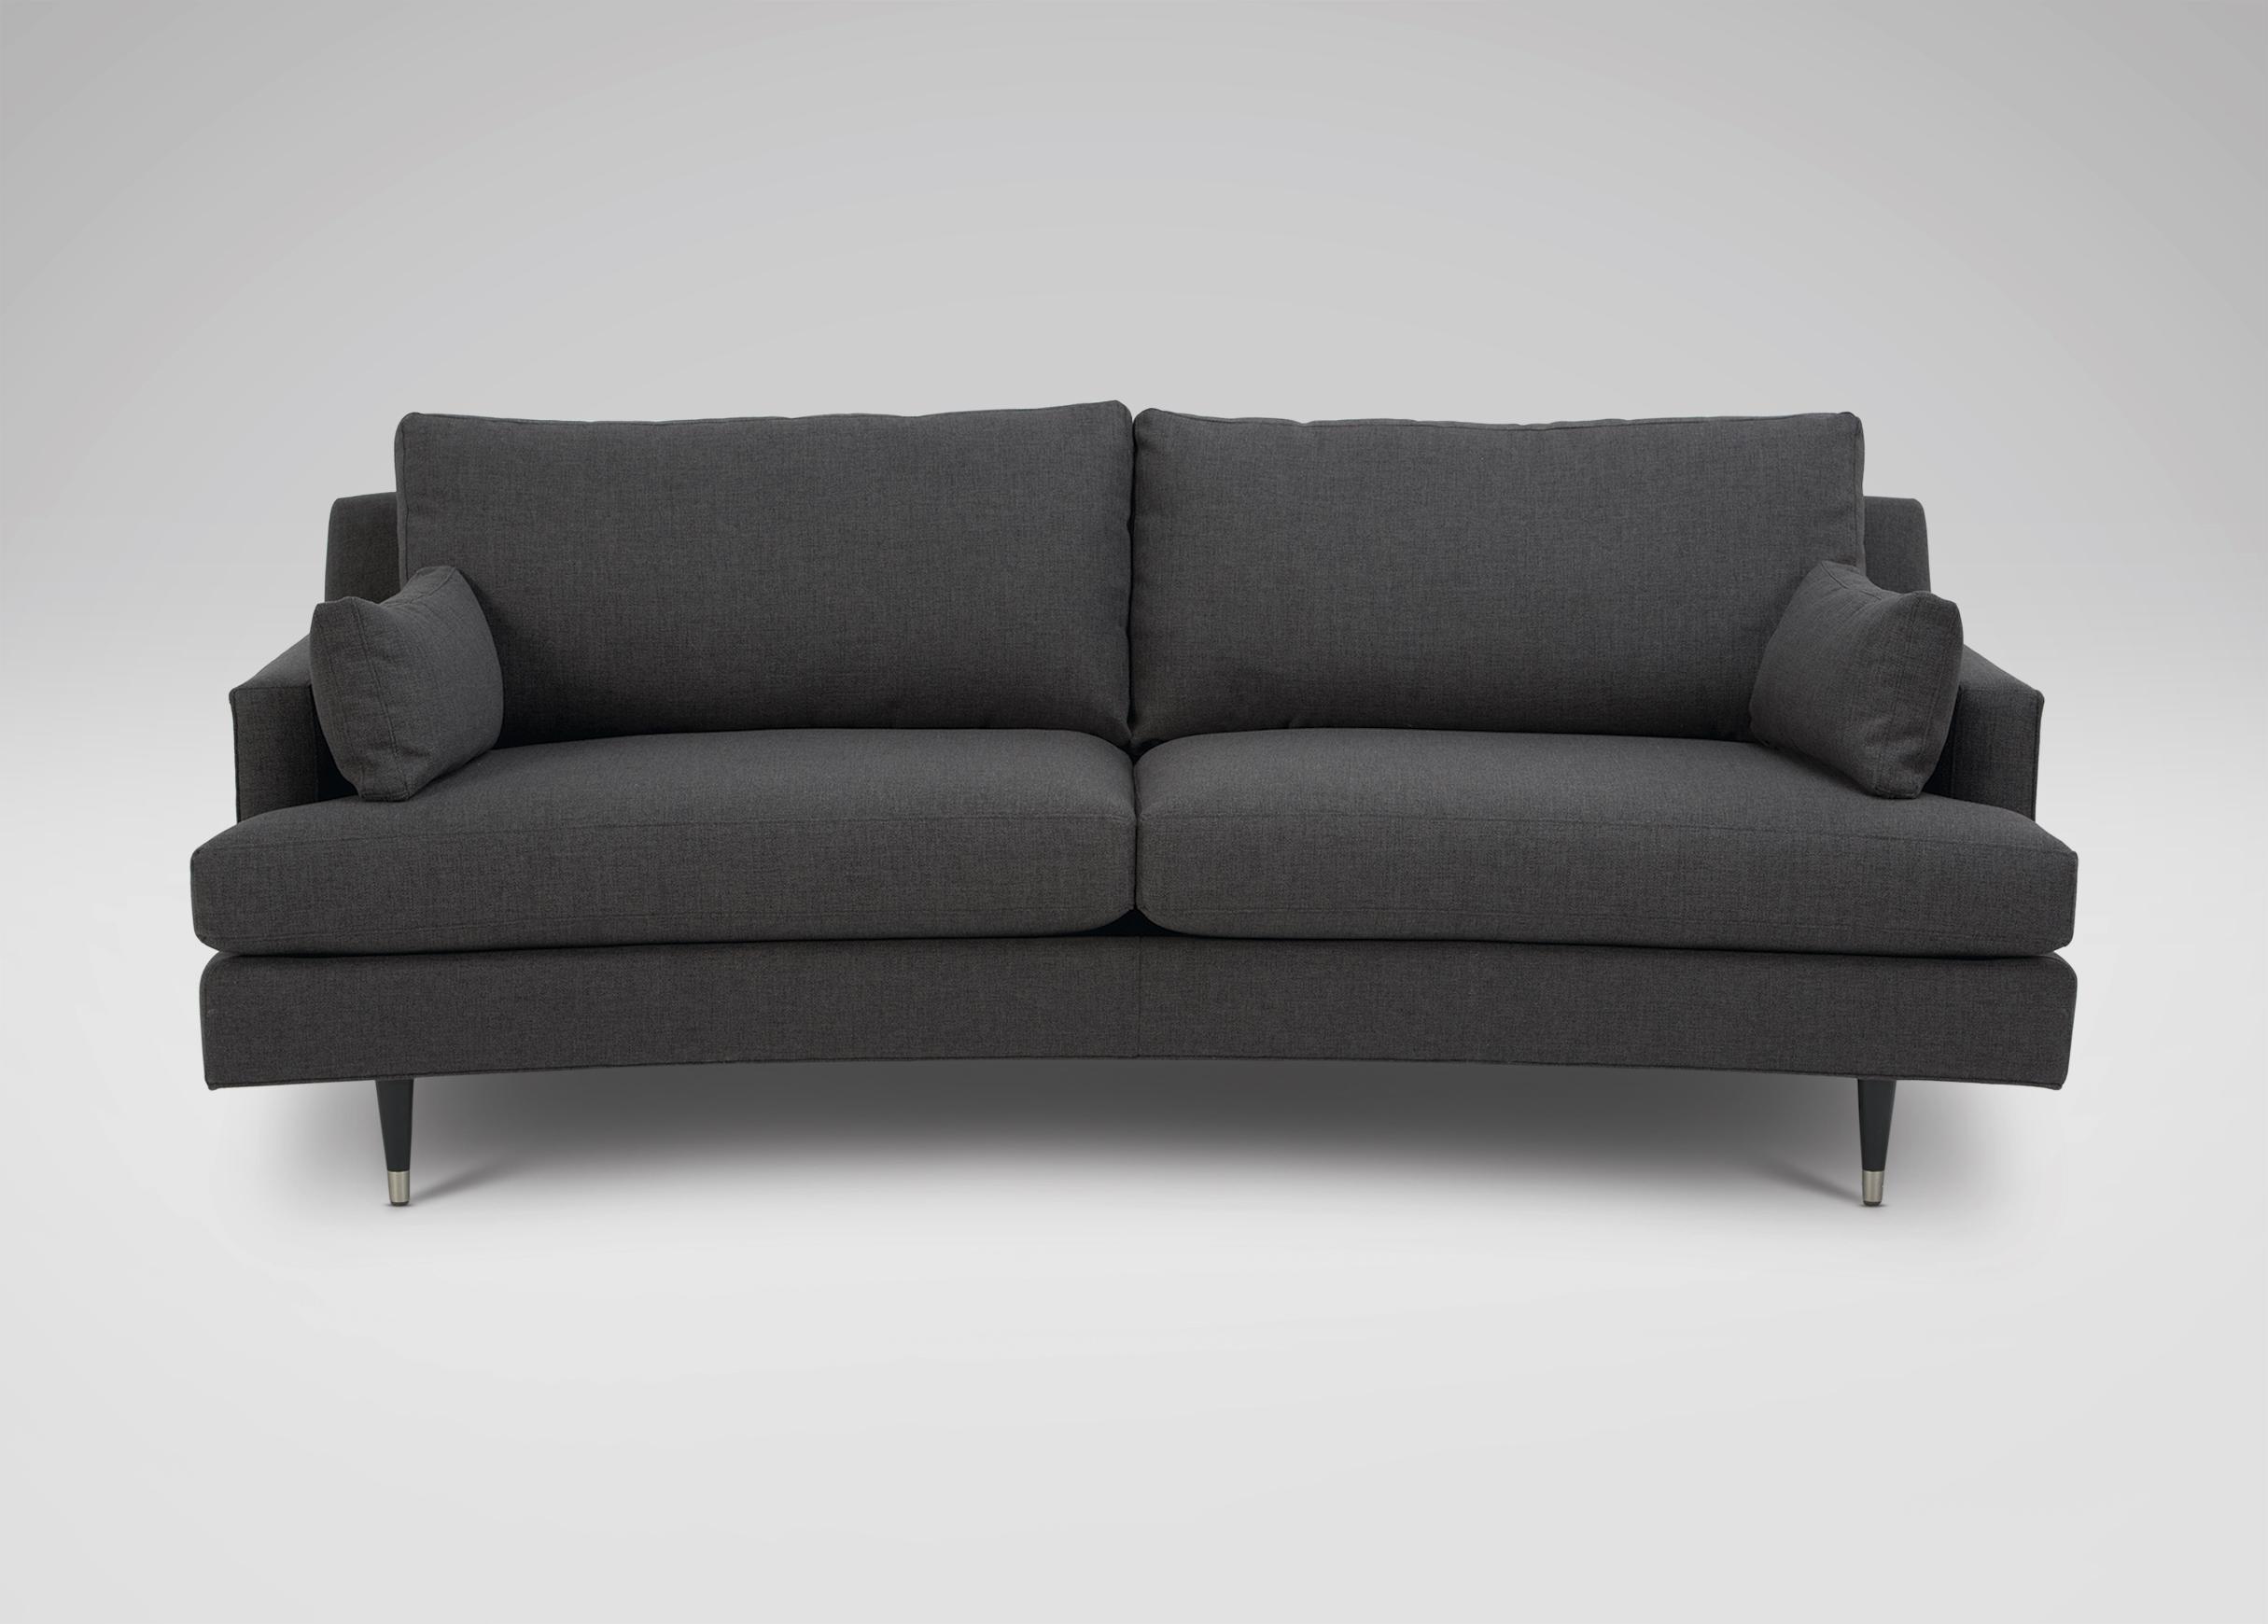 Apollo Sofa | Sofas & Loveseats Regarding Chadwick Sofas (Image 2 of 20)